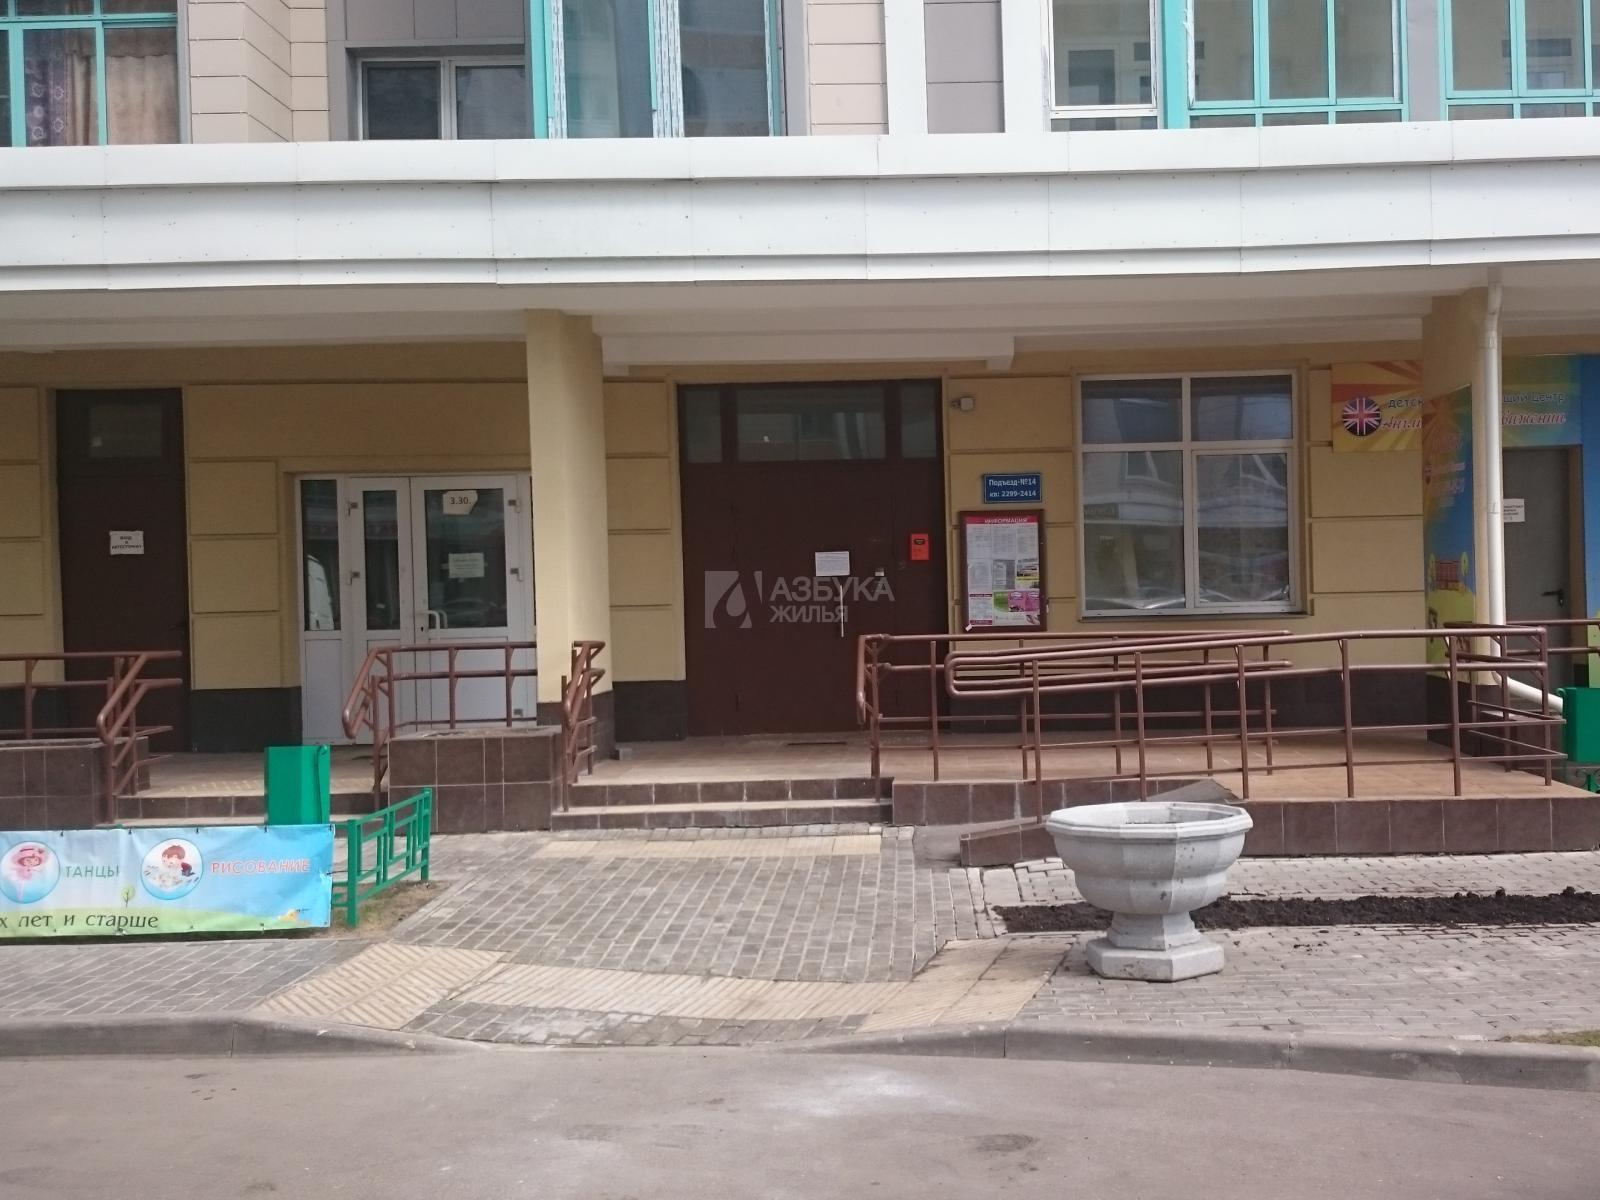 Фото №9 - 3-комнатная квартира, Москва, Михневская улица 8, метро Царицыно